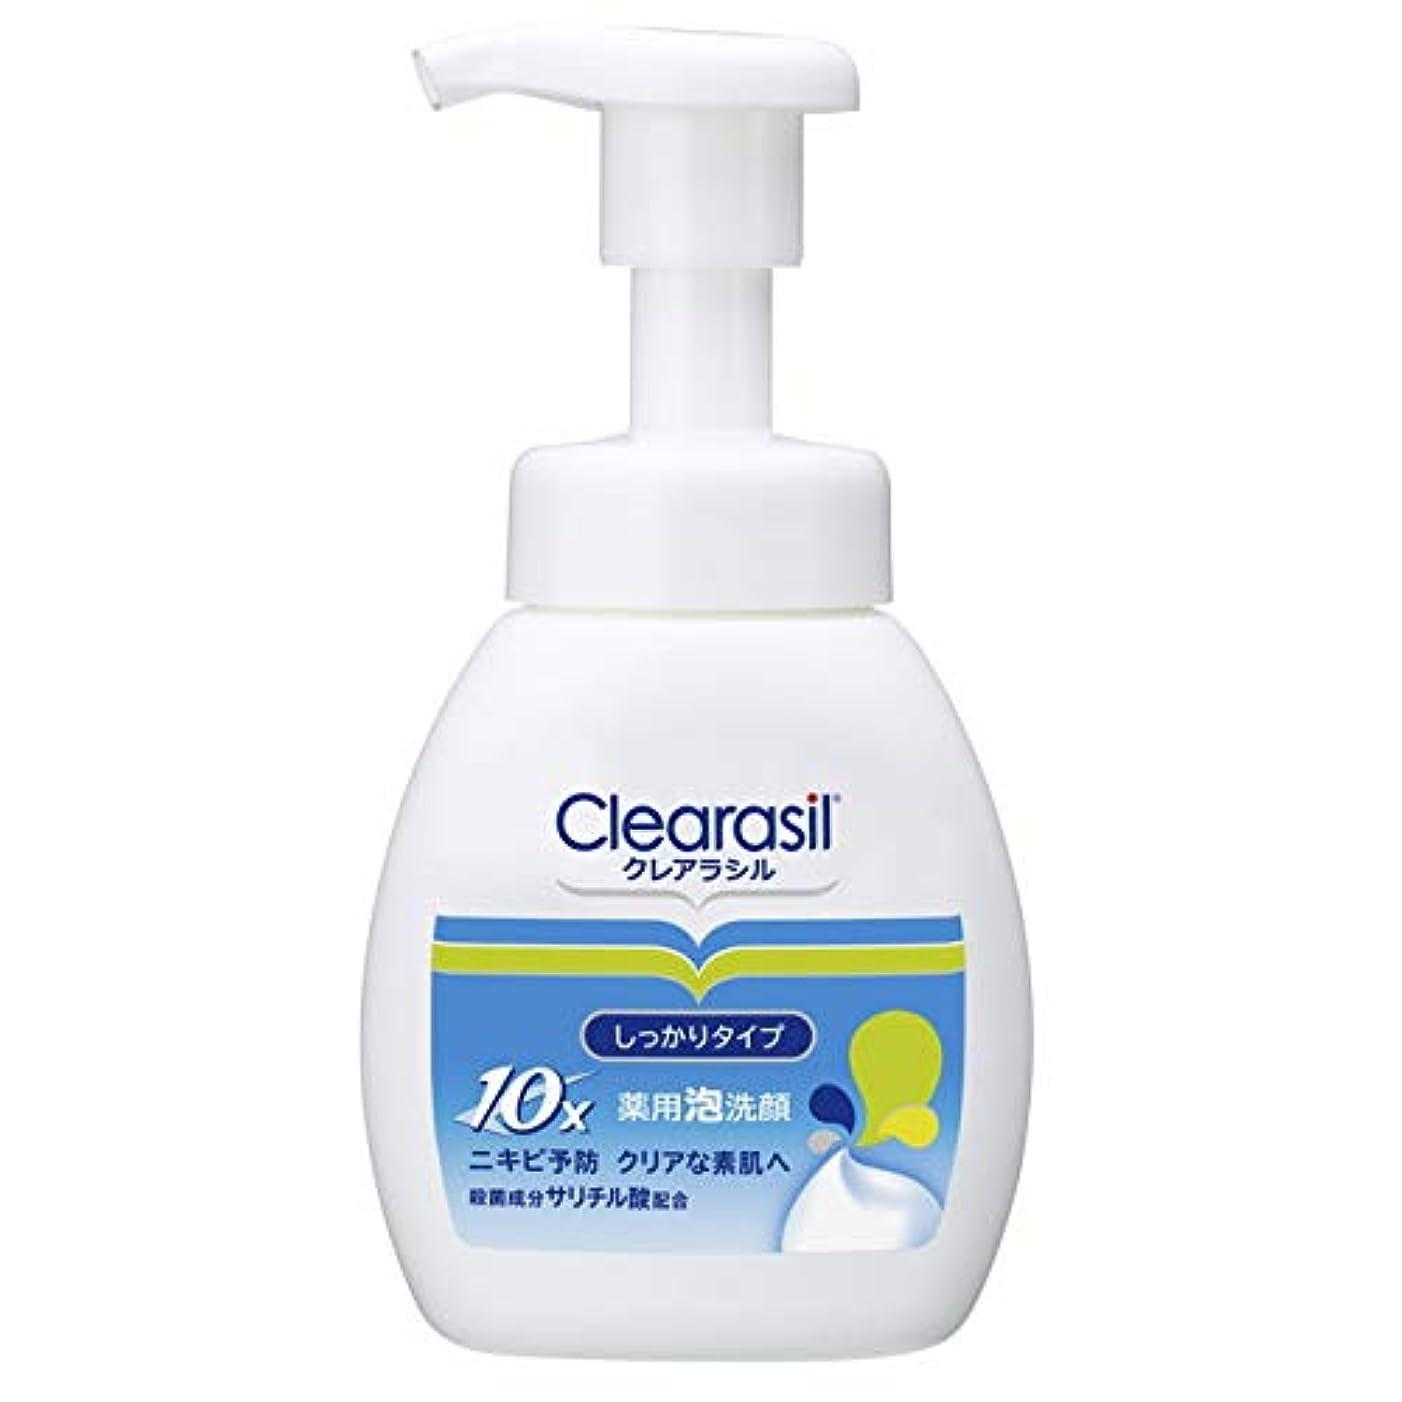 専門化する構成トリップ【clearasil】クレアラシル 薬用泡洗顔フォーム10 (200ml)